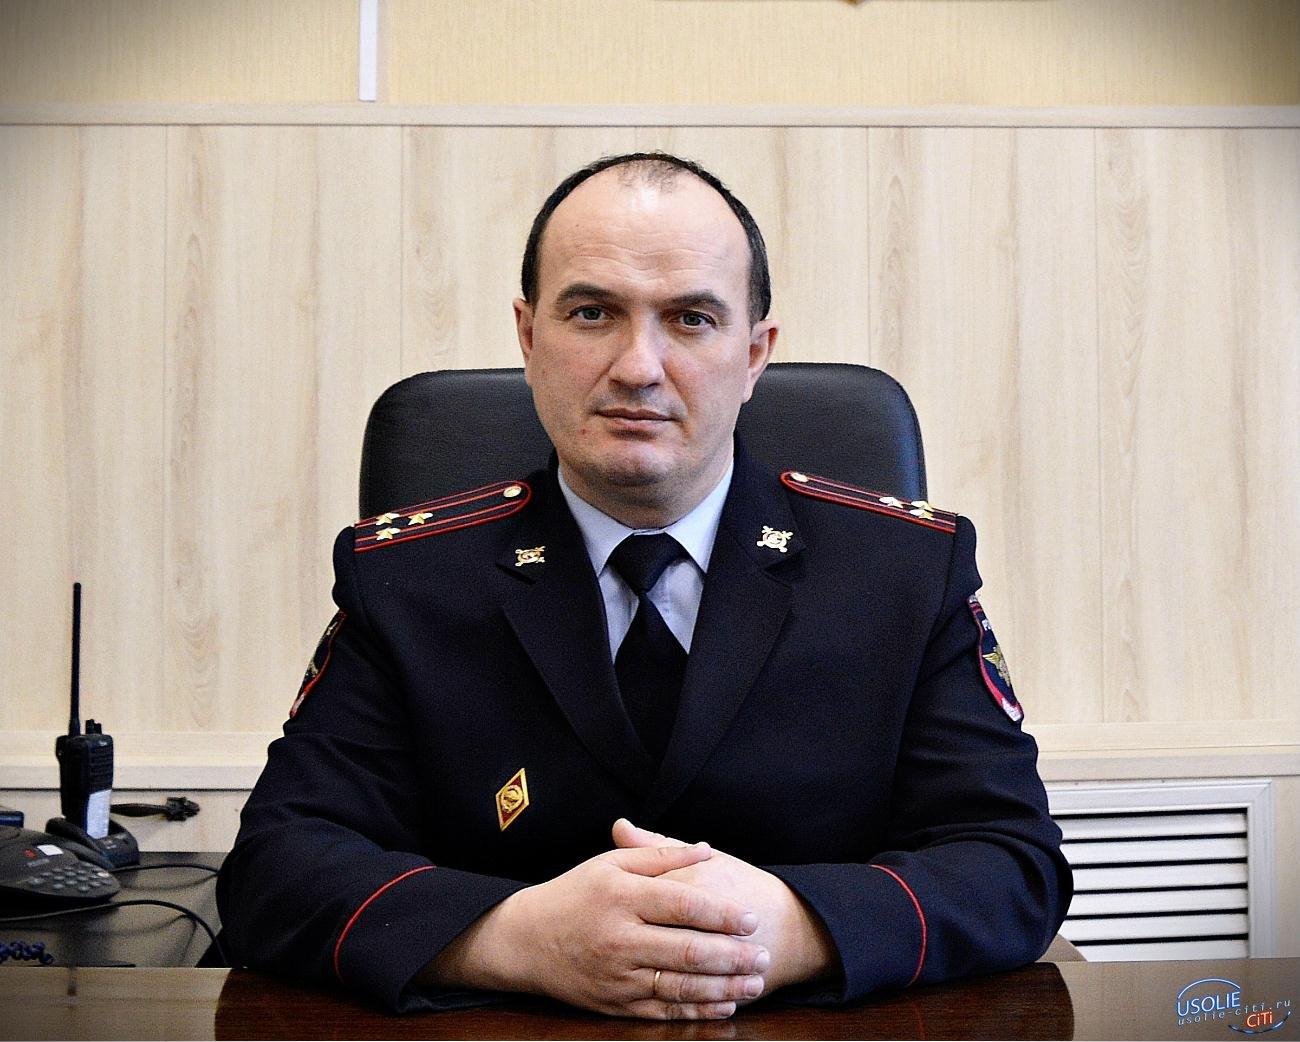 Начальник усольской полиции поздравил сотрудников уголовного розыска с профессиональным праздником